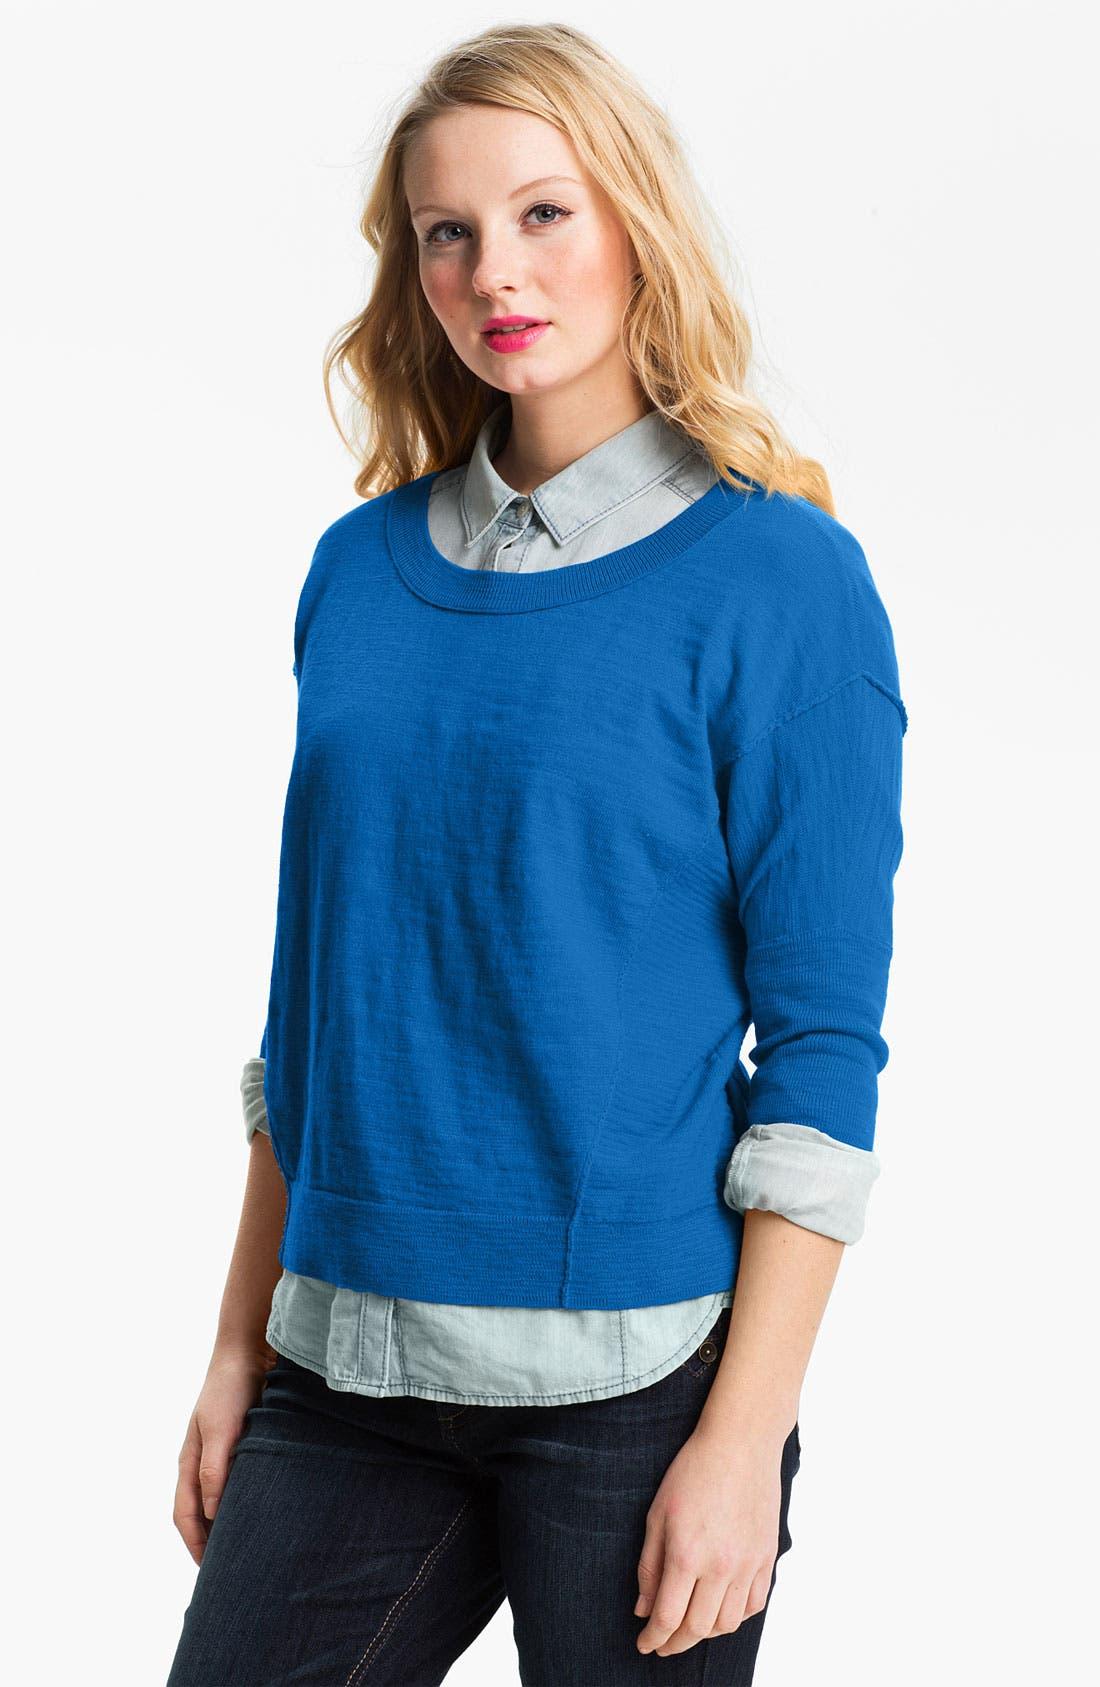 Alternate Image 1 Selected - Caslon® Slub Crewneck Sweater (Petite)